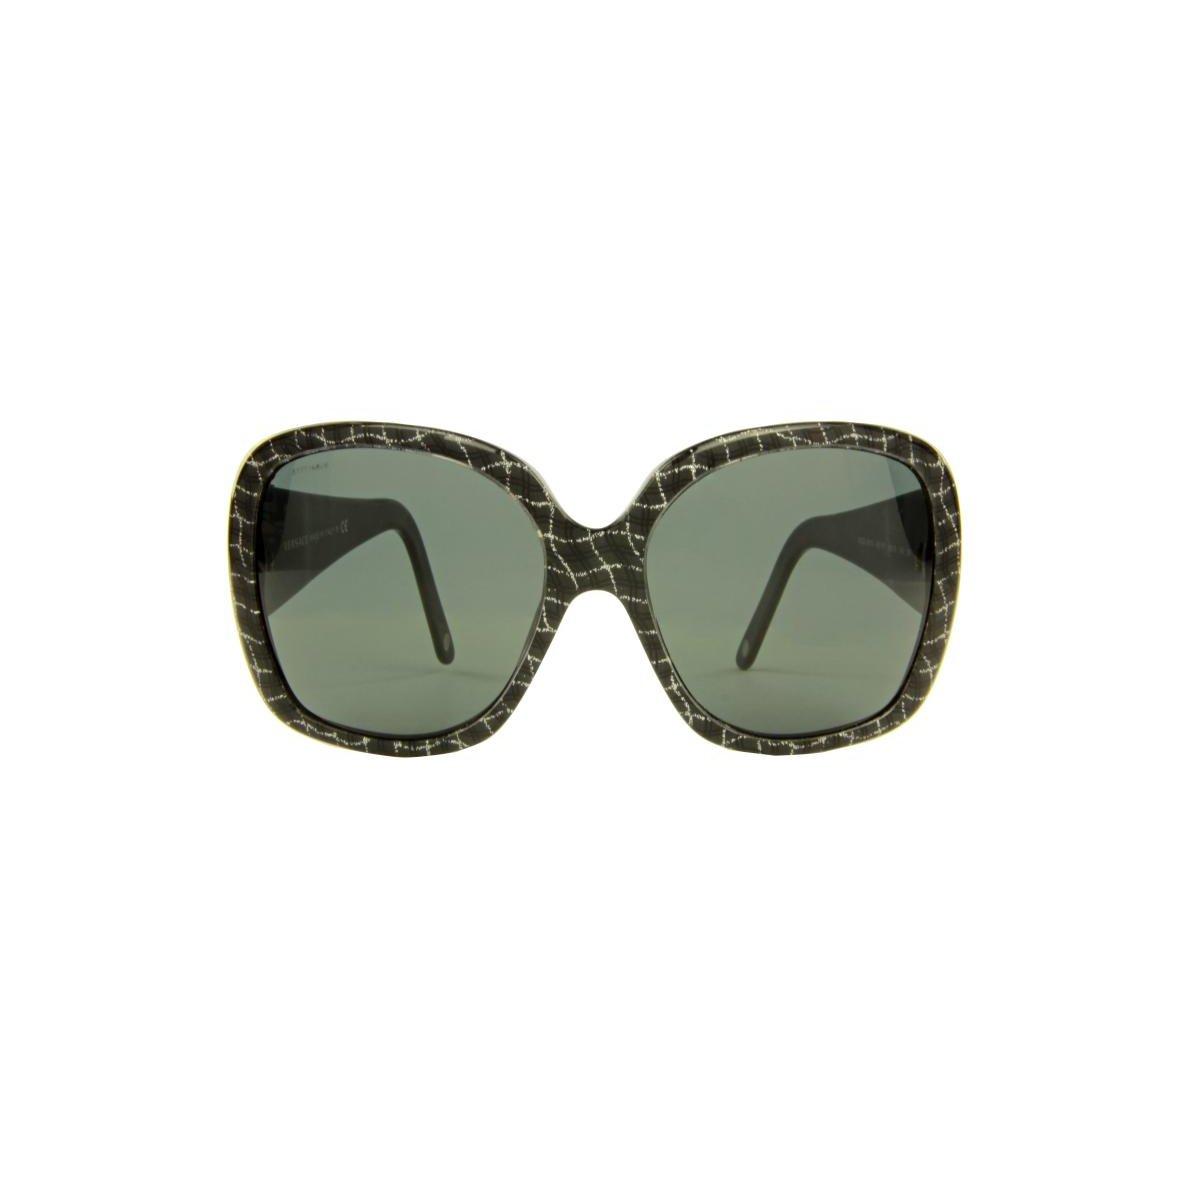 d8717bce392f4 Óculos de Sol Versace 100% Proteção UV Ópticas Melani Feminino ...